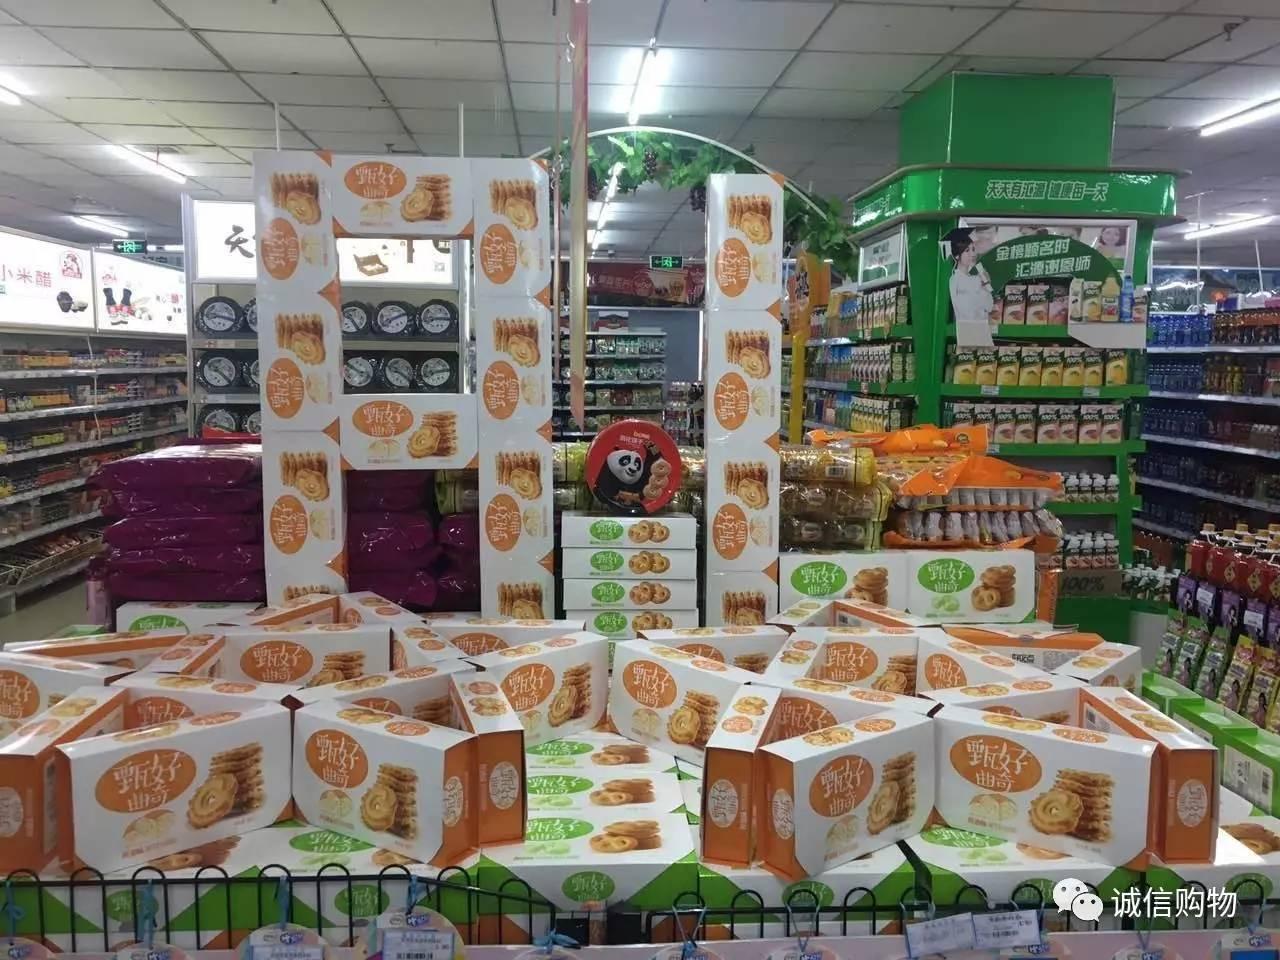 清爽一夏,诚信超市创意陈列比赛来袭,让陈列High起来